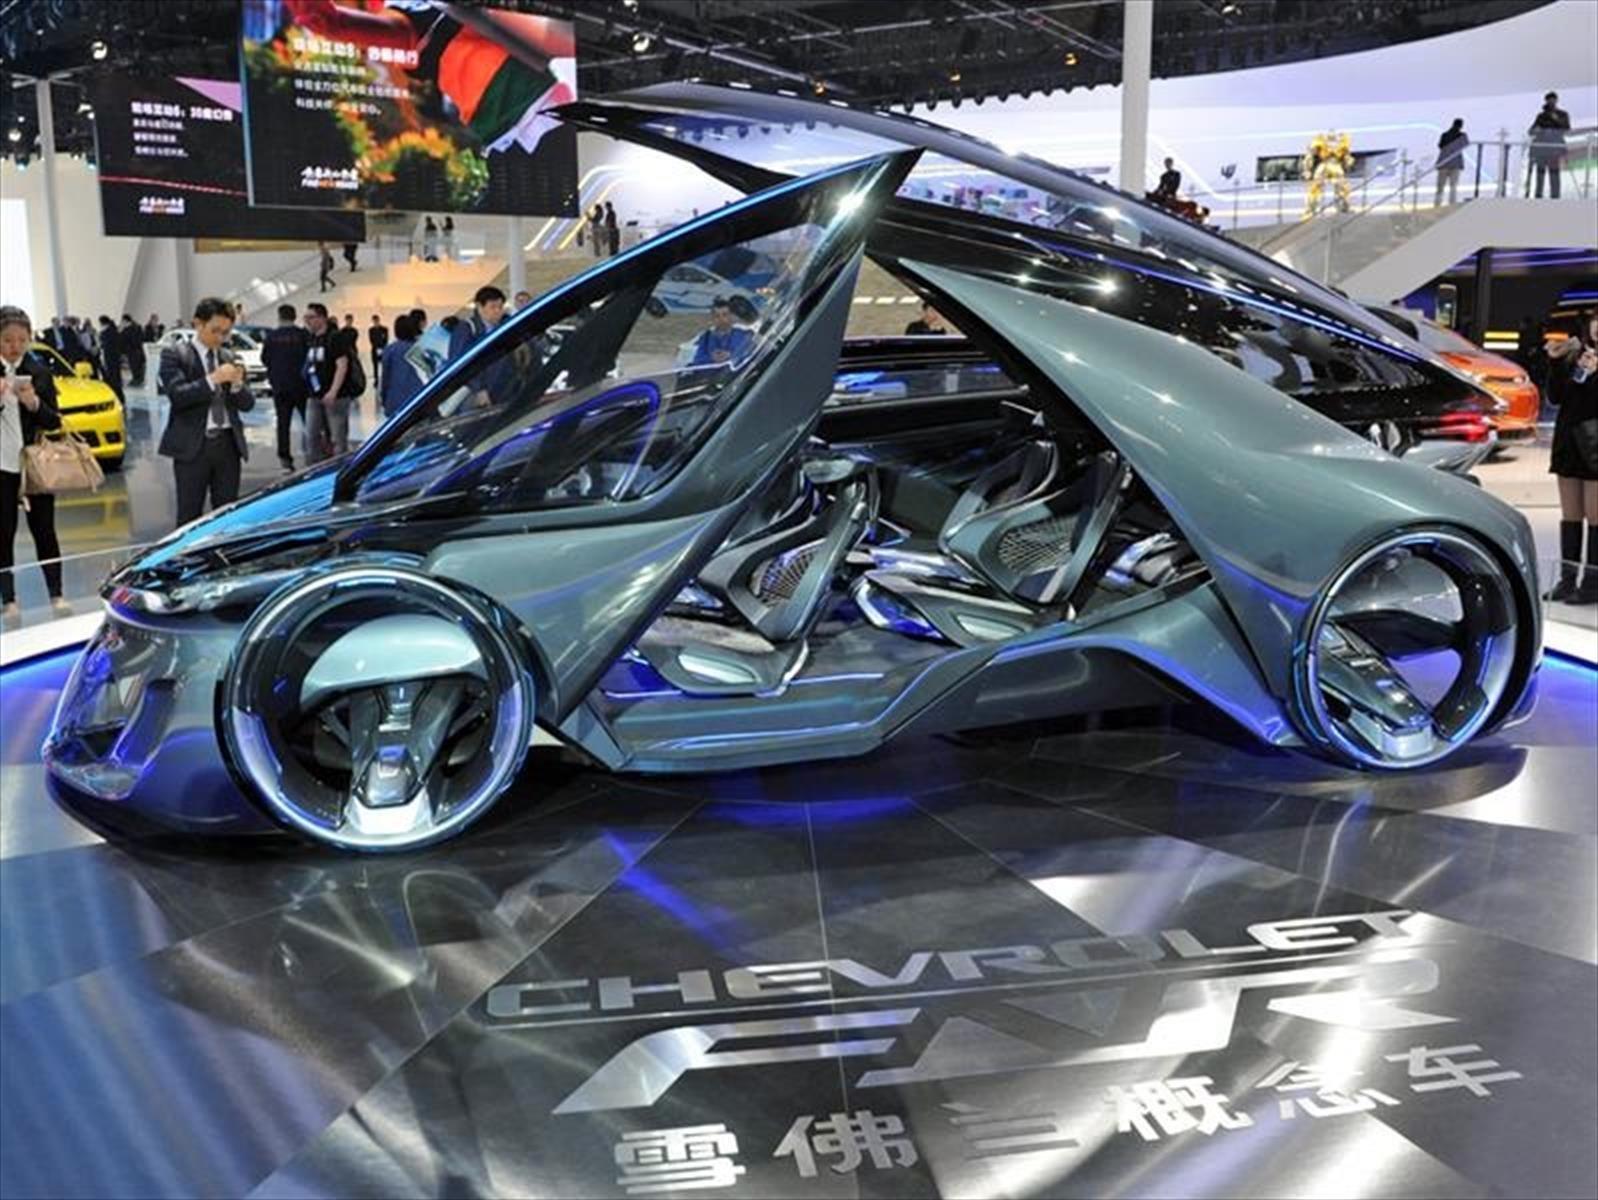 La tecnología de los carros parece salida de la ficción a la realidad